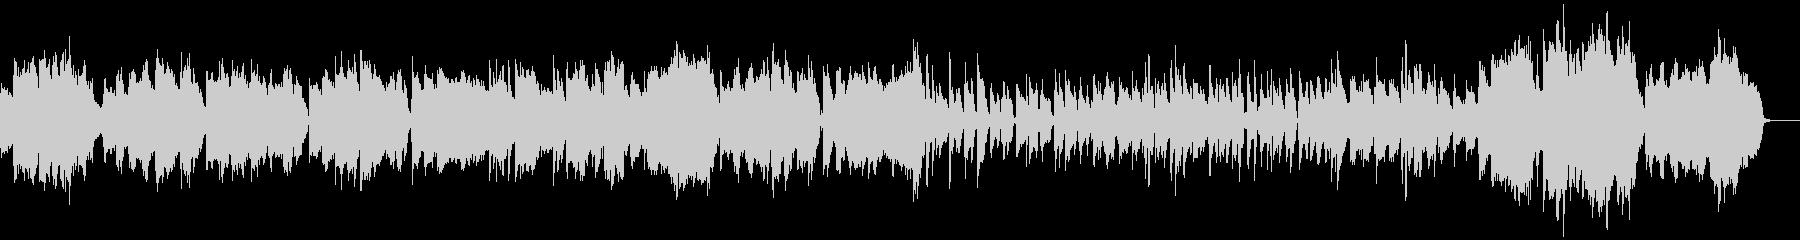 伸びやかなトロンボーンのスロージャズの未再生の波形